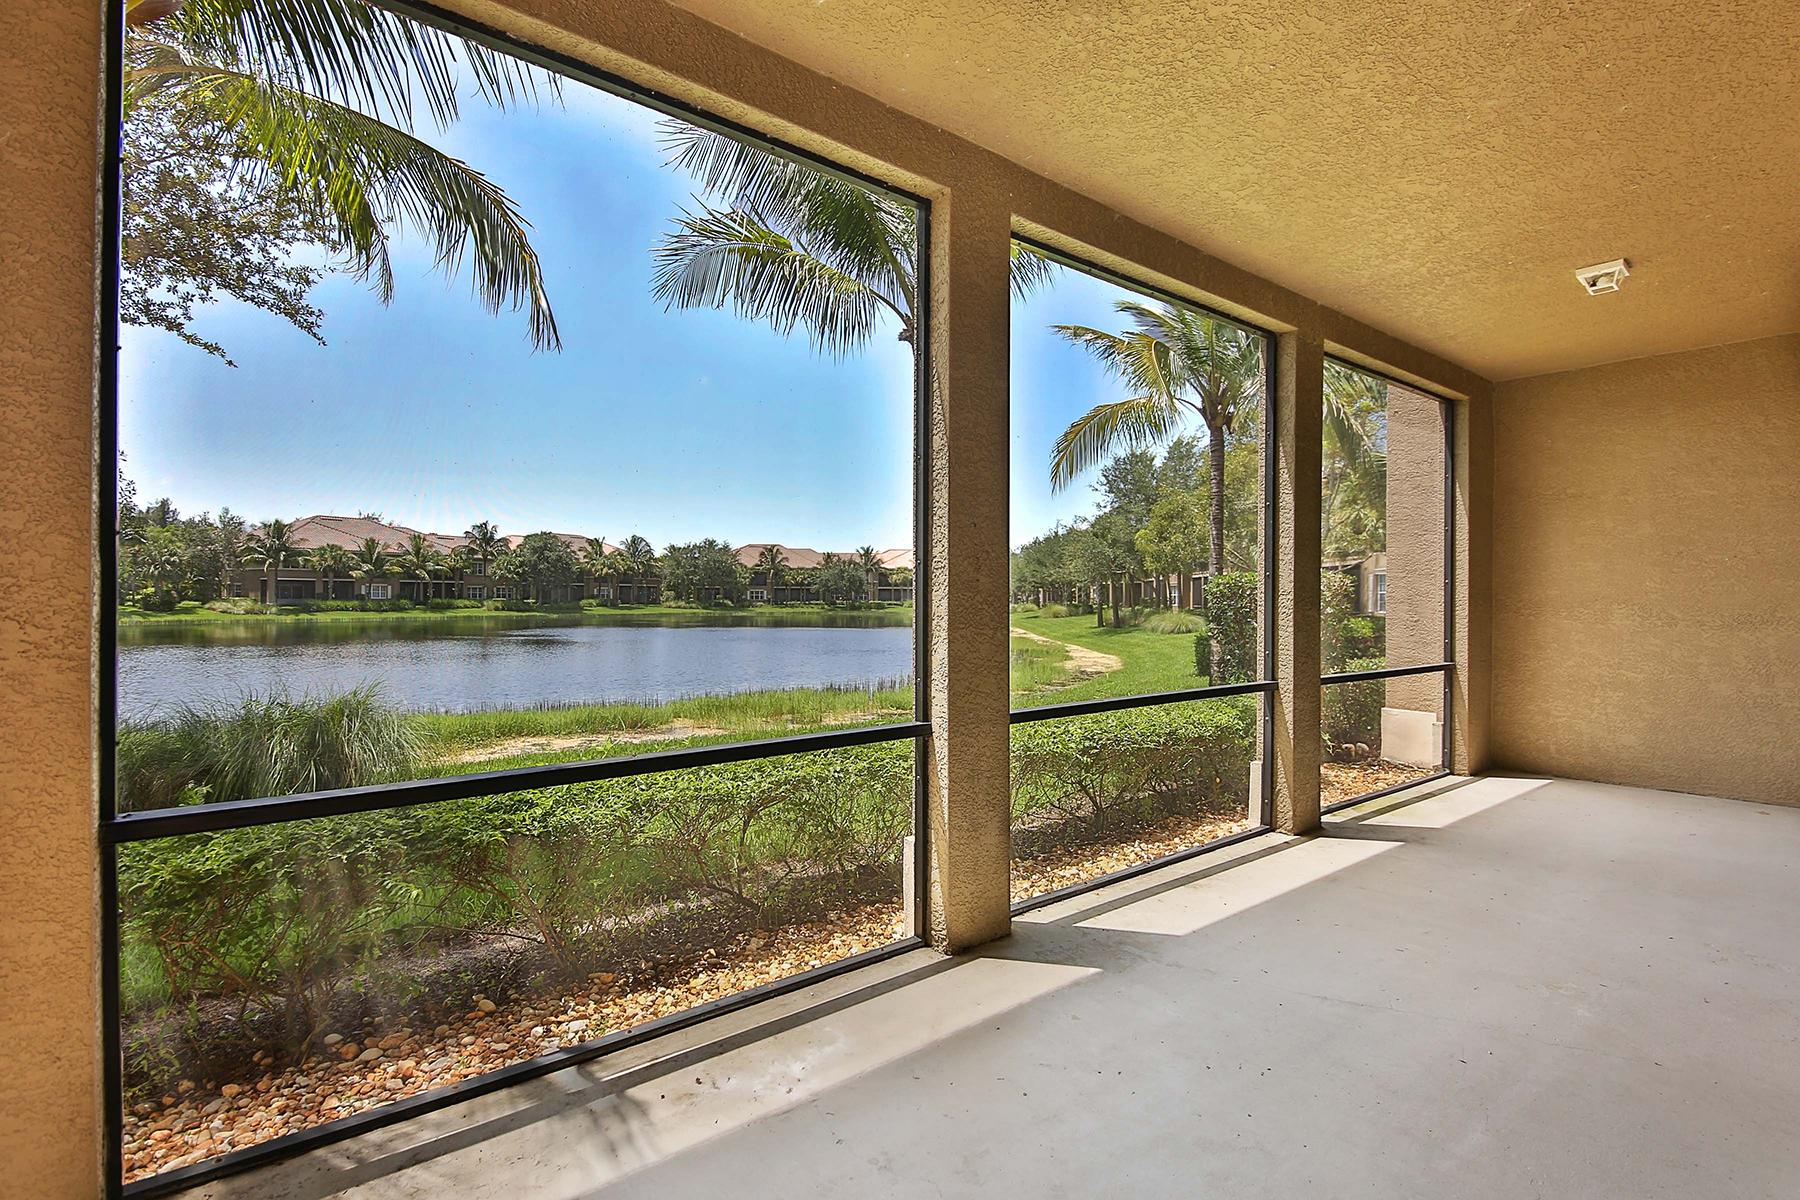 共管式独立产权公寓 为 销售 在 FIDDLERS CREEK 9218 Corfu Ct 103, 那不勒斯, 佛罗里达州, 34114 美国